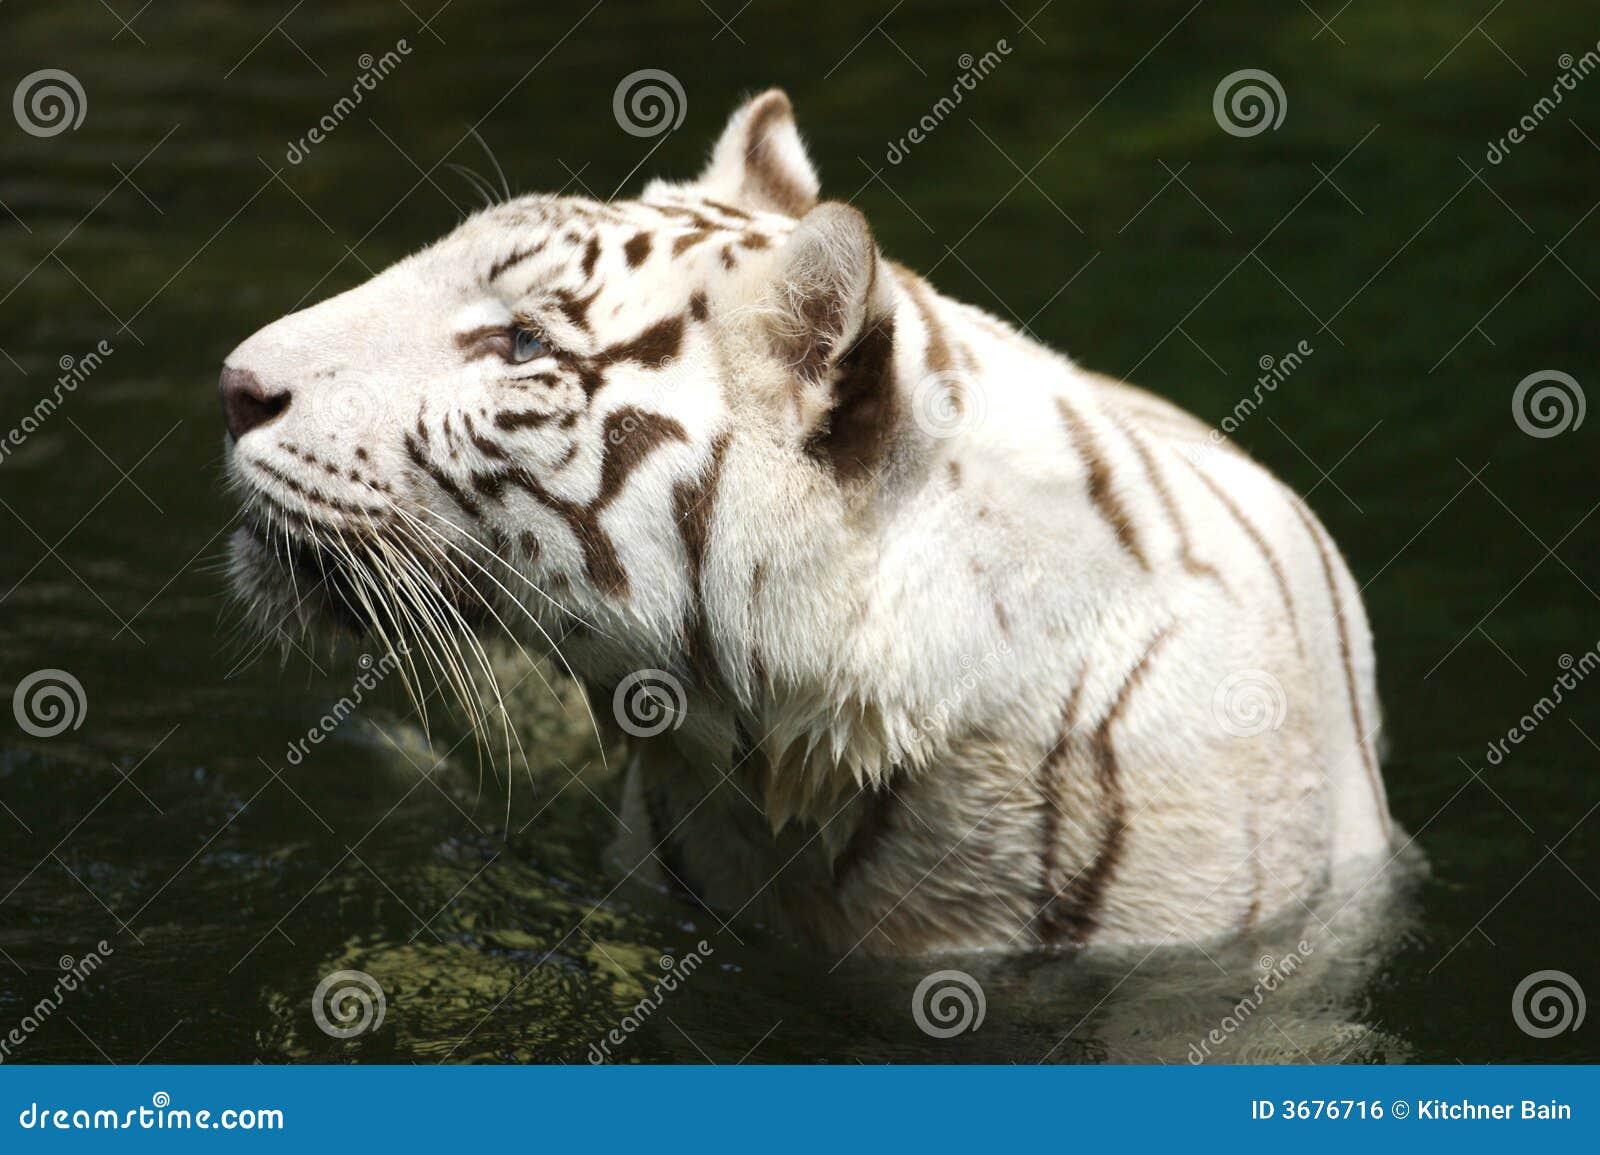 Download Tigre bianca fotografia stock. Immagine di asiatico, wildlife - 3676716